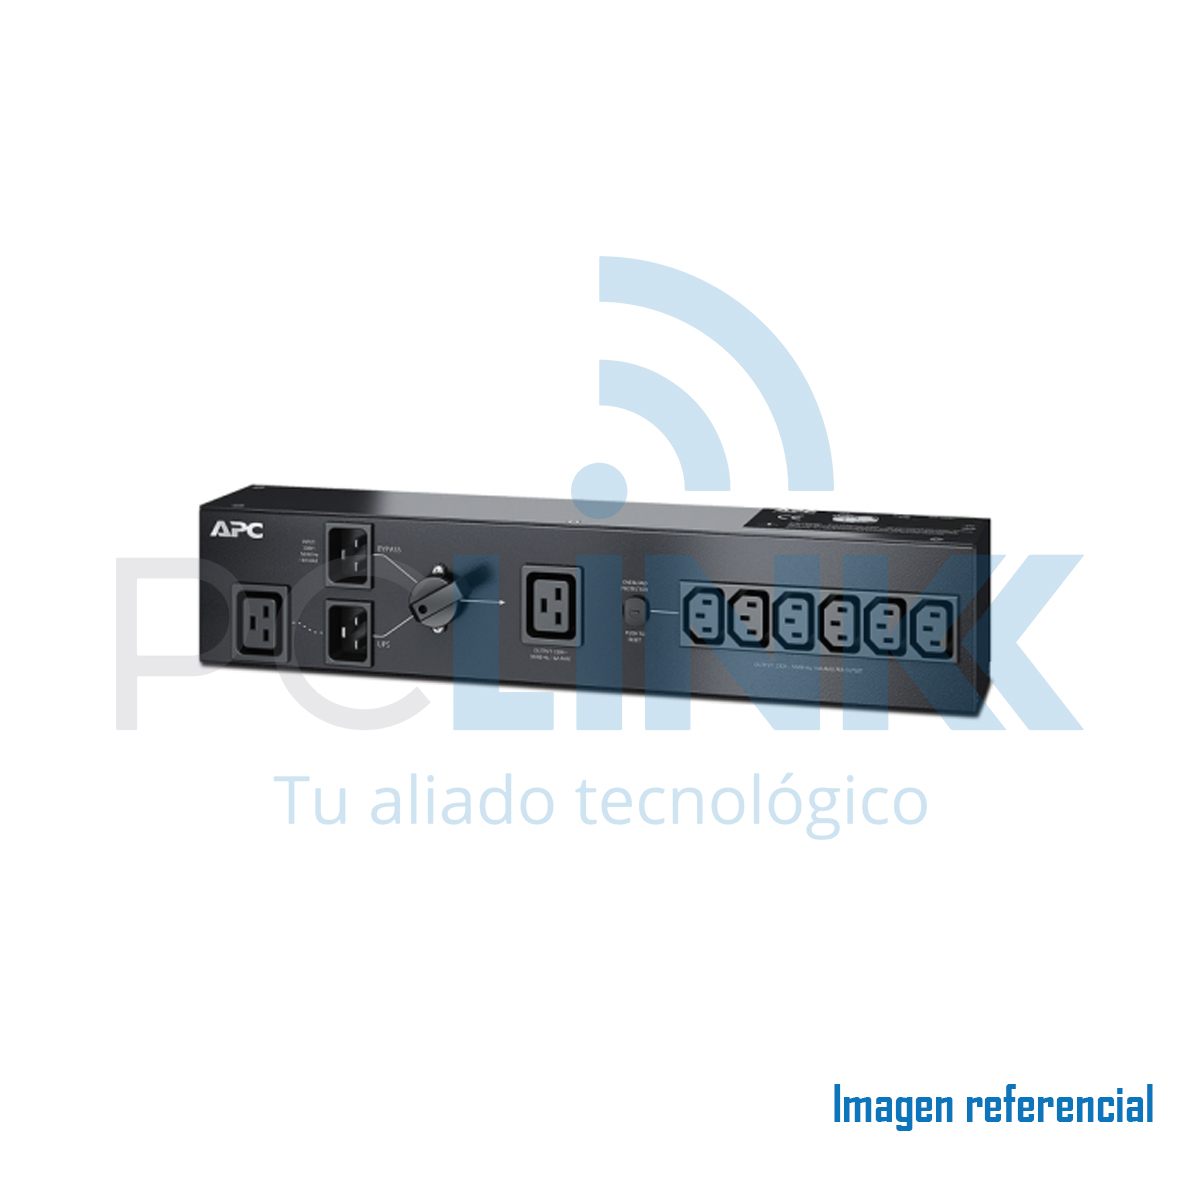 PANEL APC SBP3000RMI - APC SER